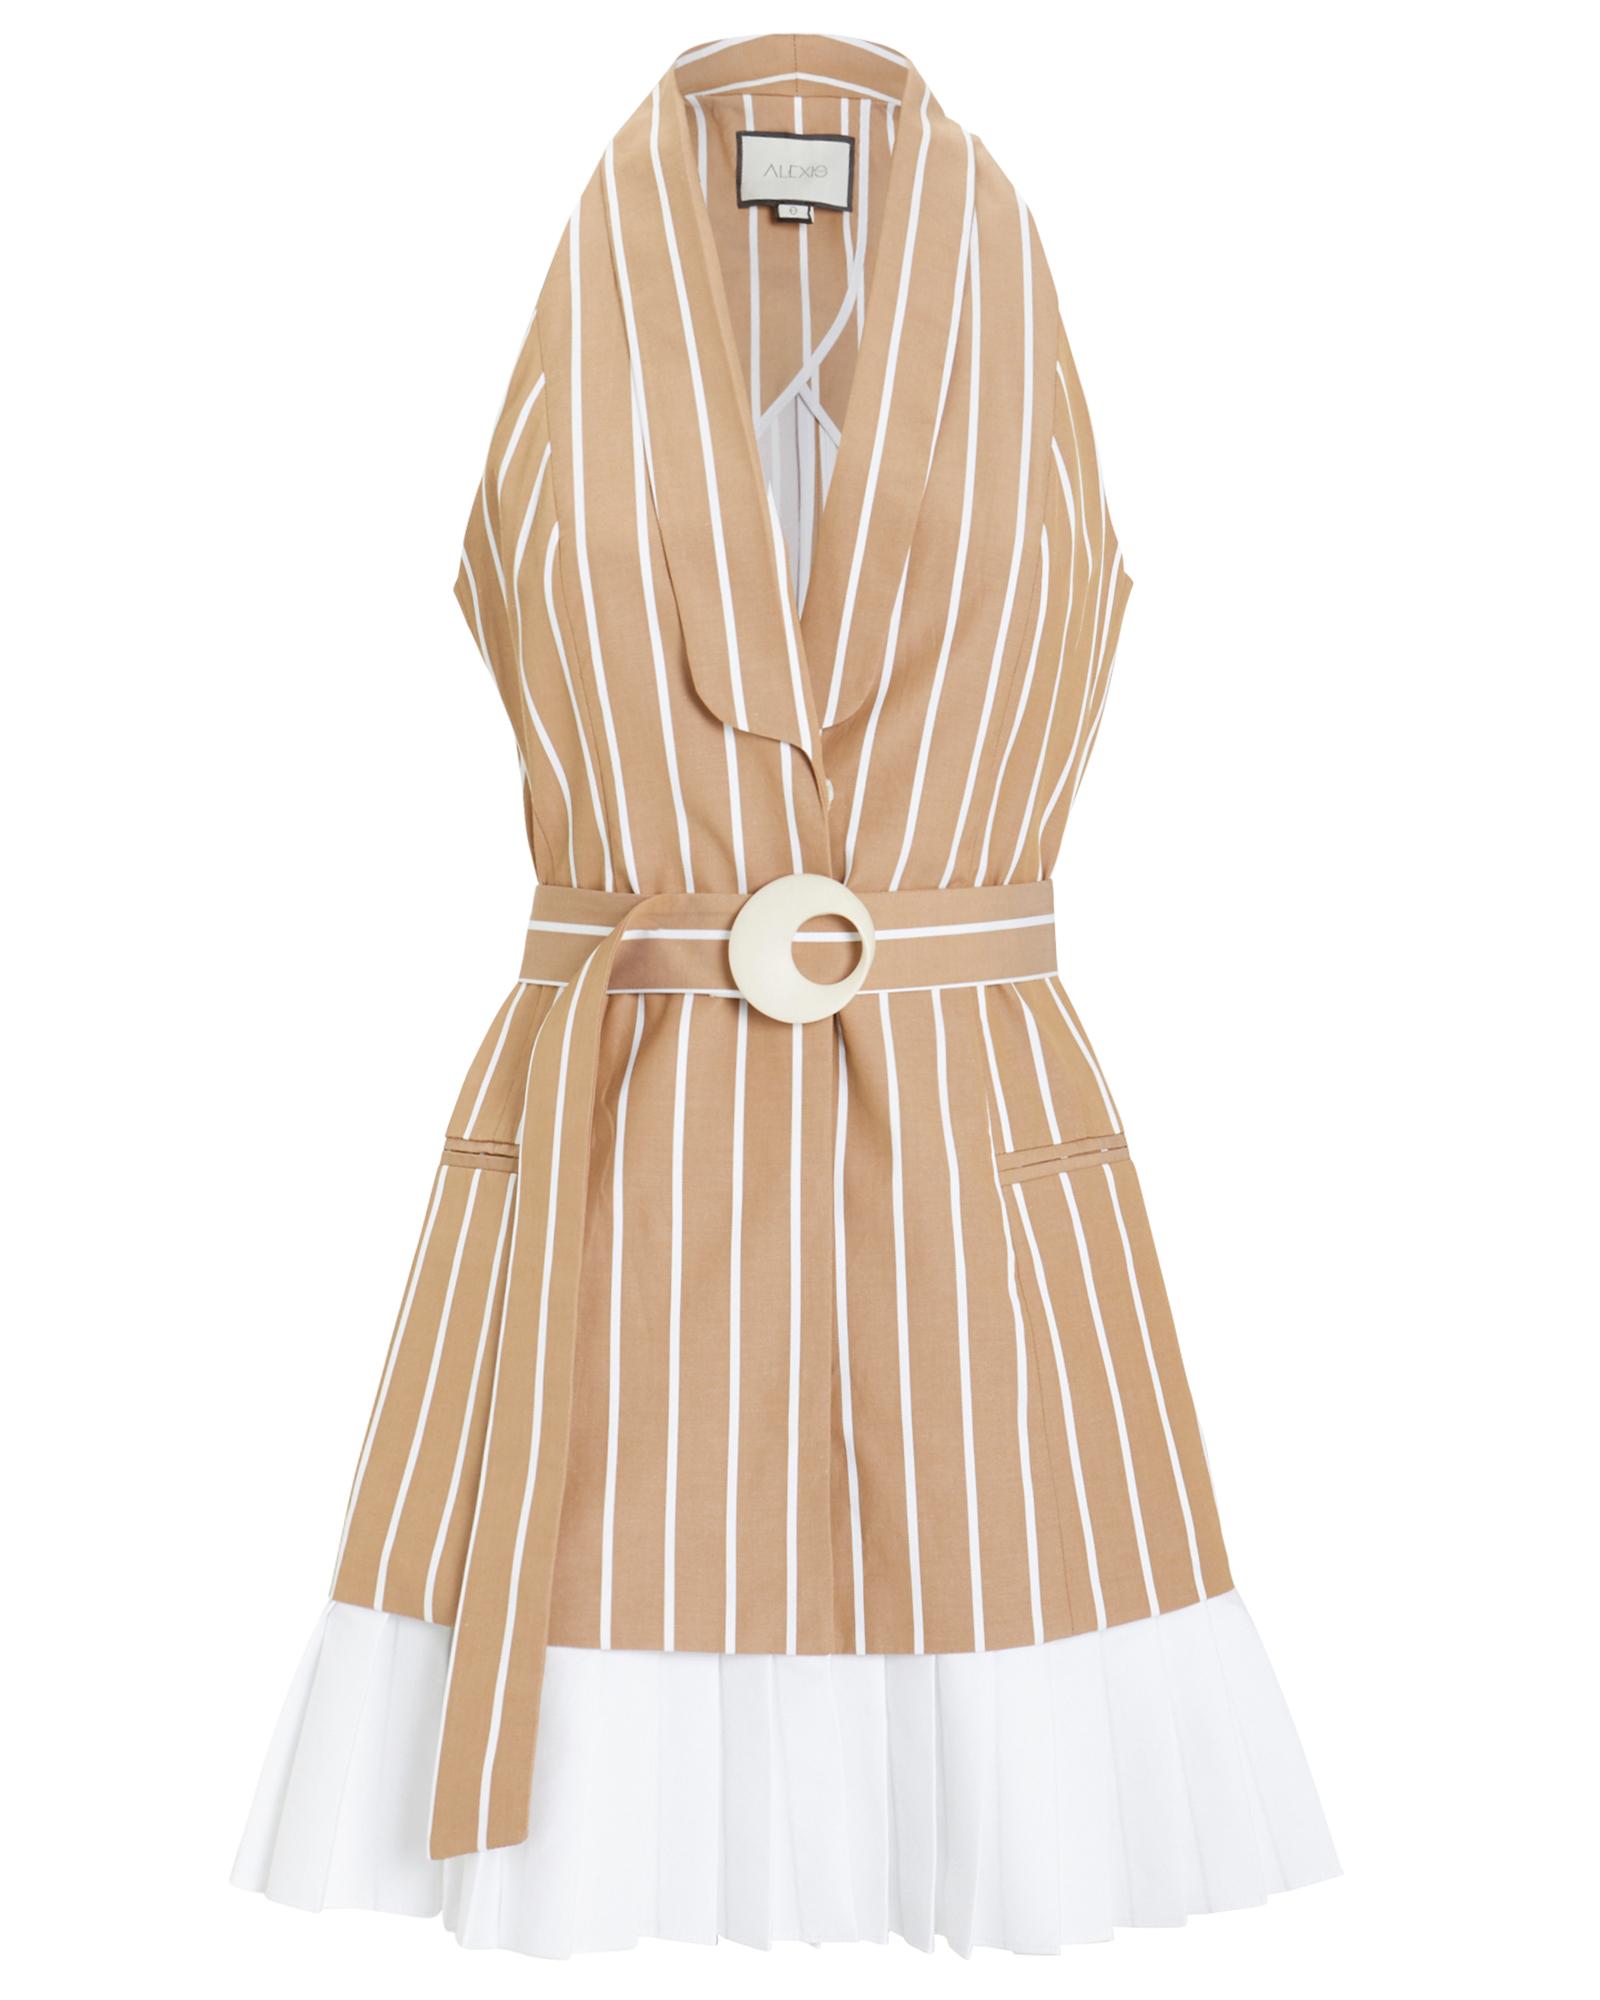 Alexis Dresses ALEXIS CARMONA POPLIN SLEEVELESS DRESS  BROWN/WHITE M